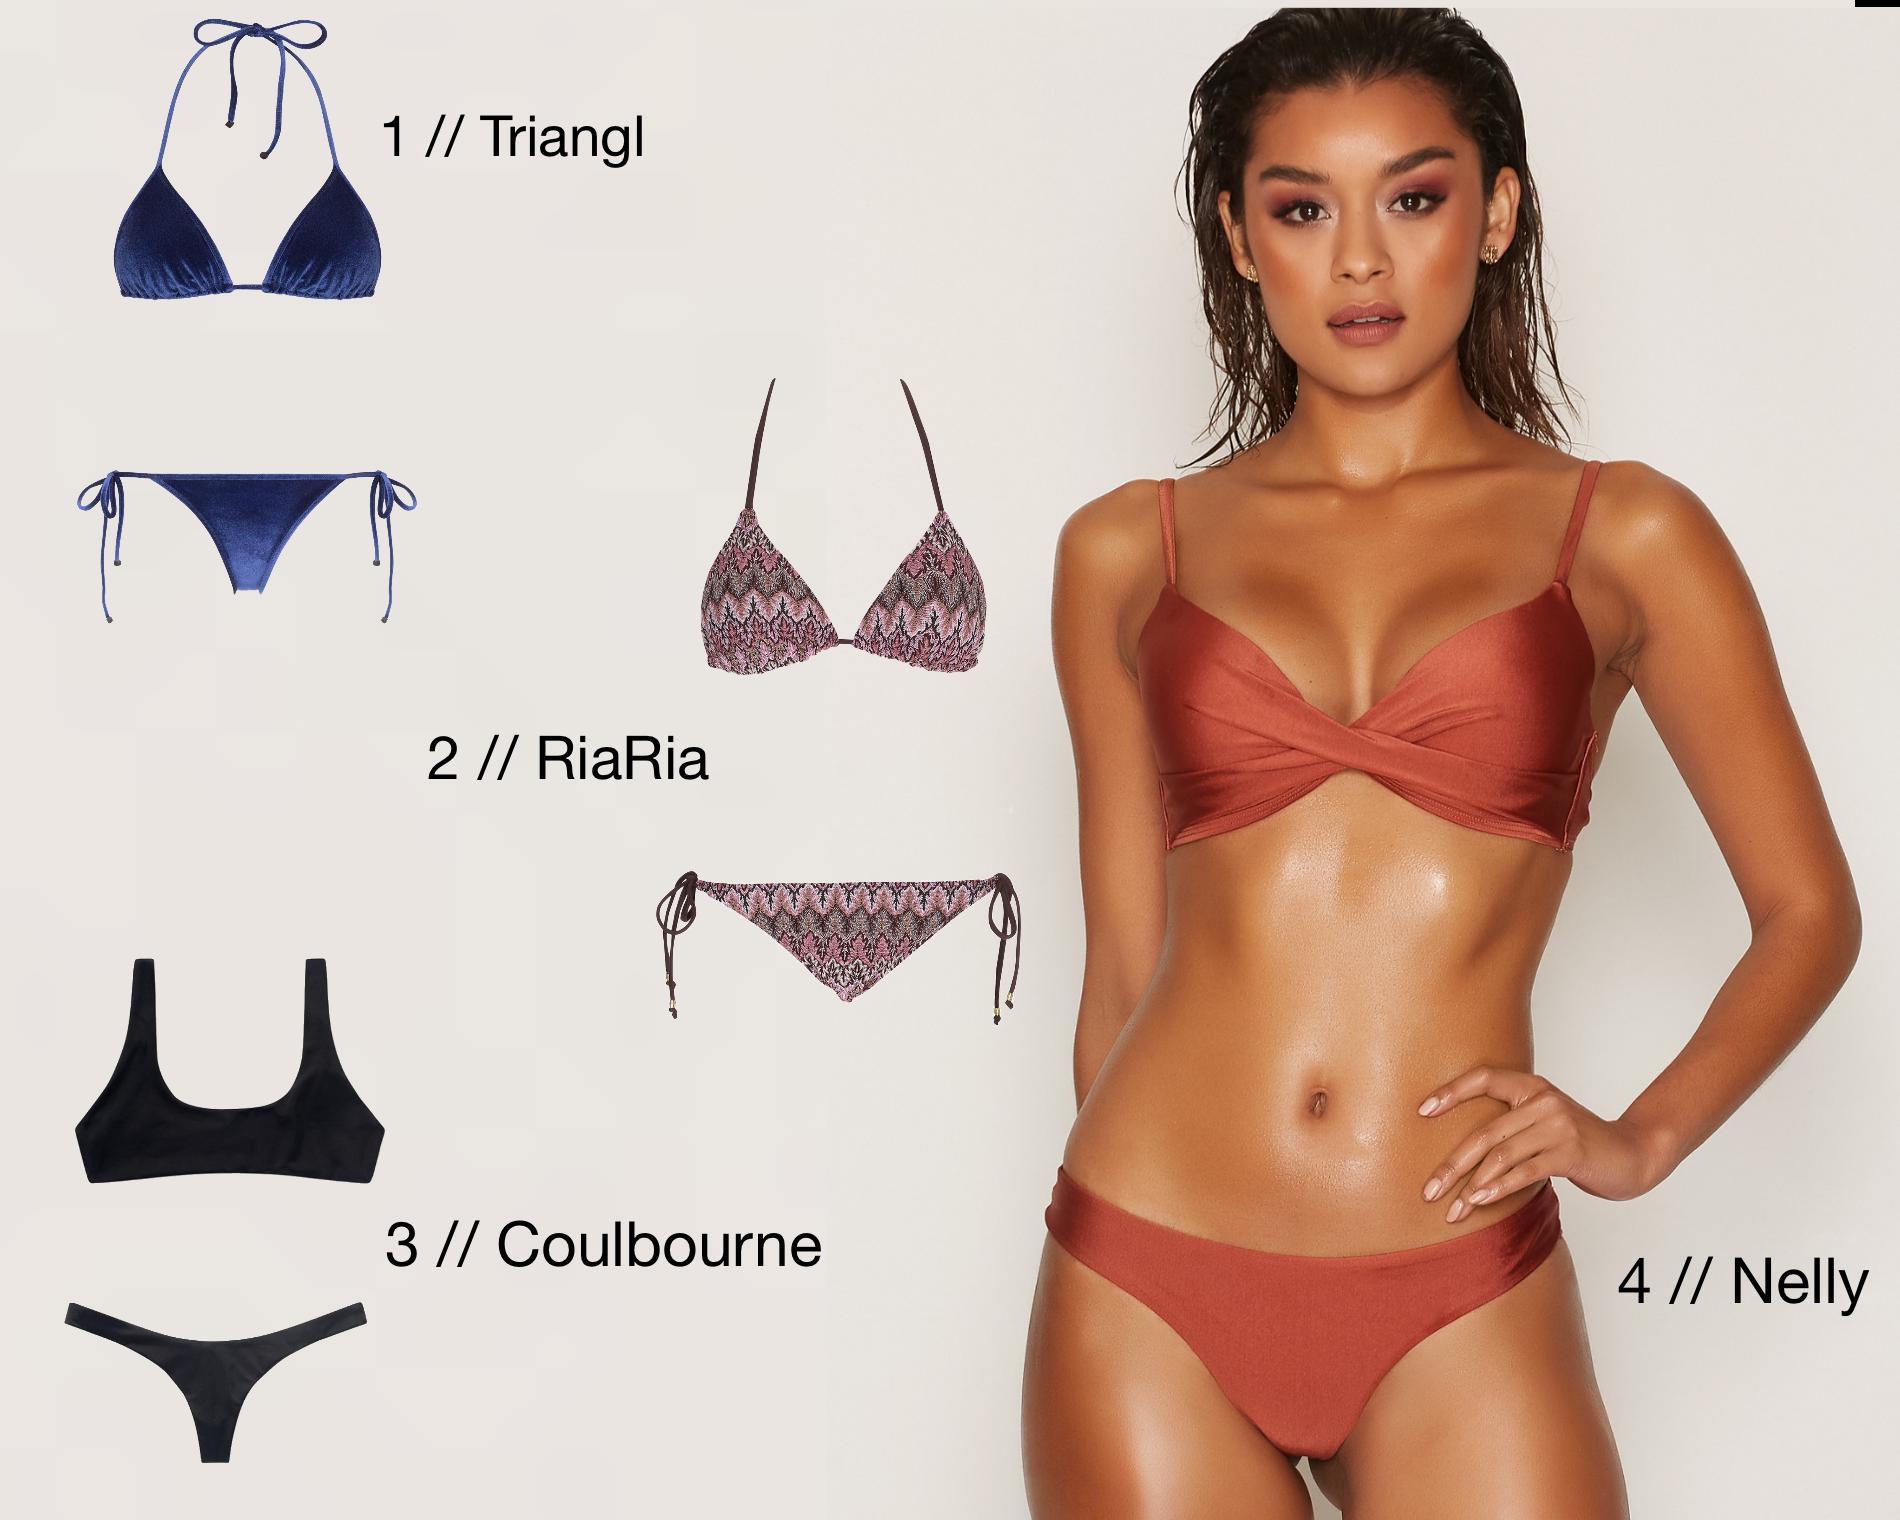 4 bikinis for summer